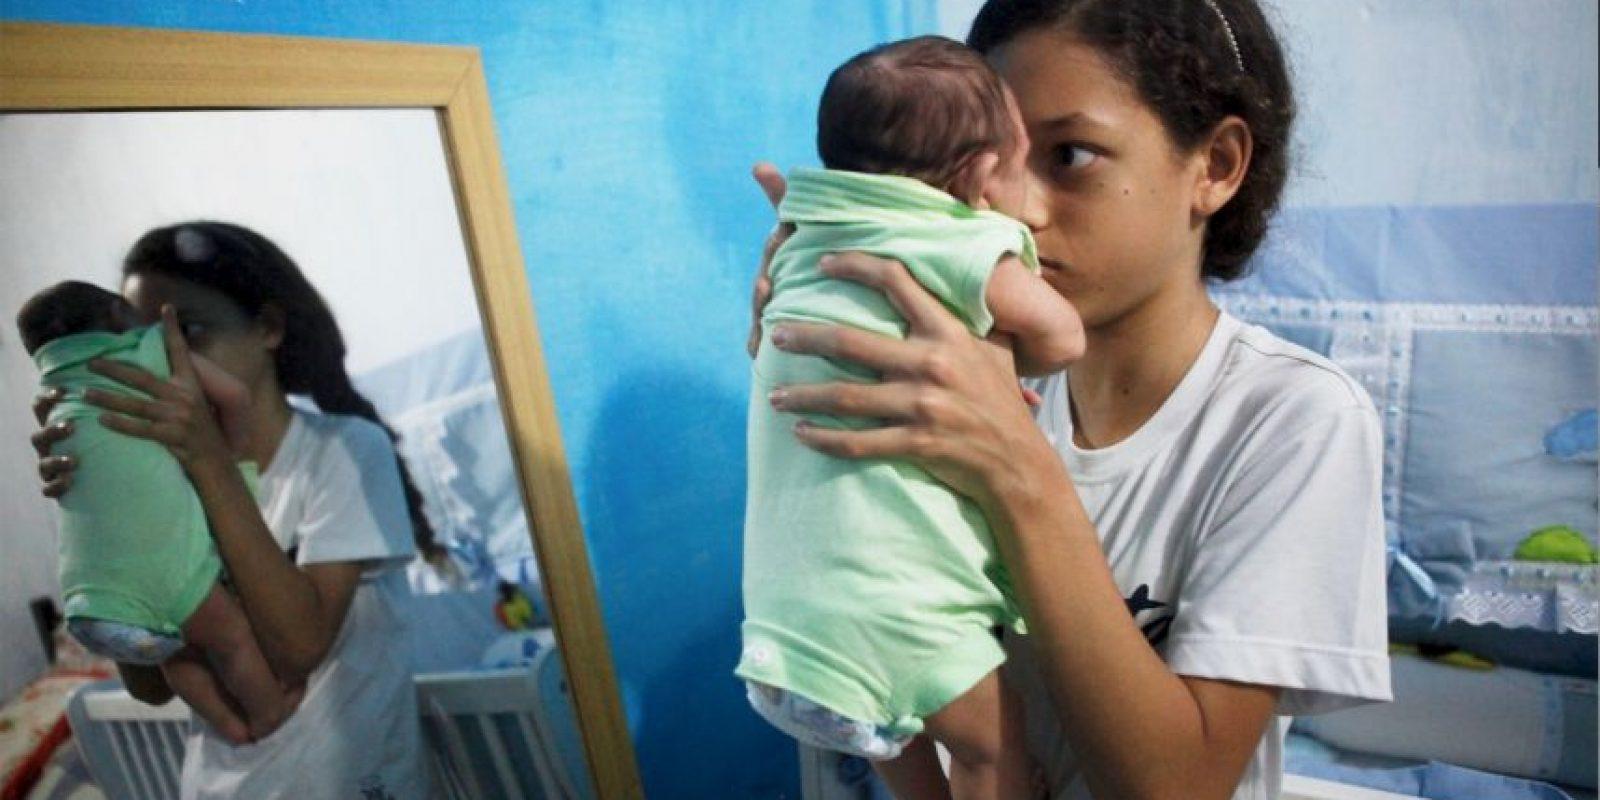 Aquí respondemos las preguntas más frecuentes que se hacen sobre Zika Foto:Getty Images